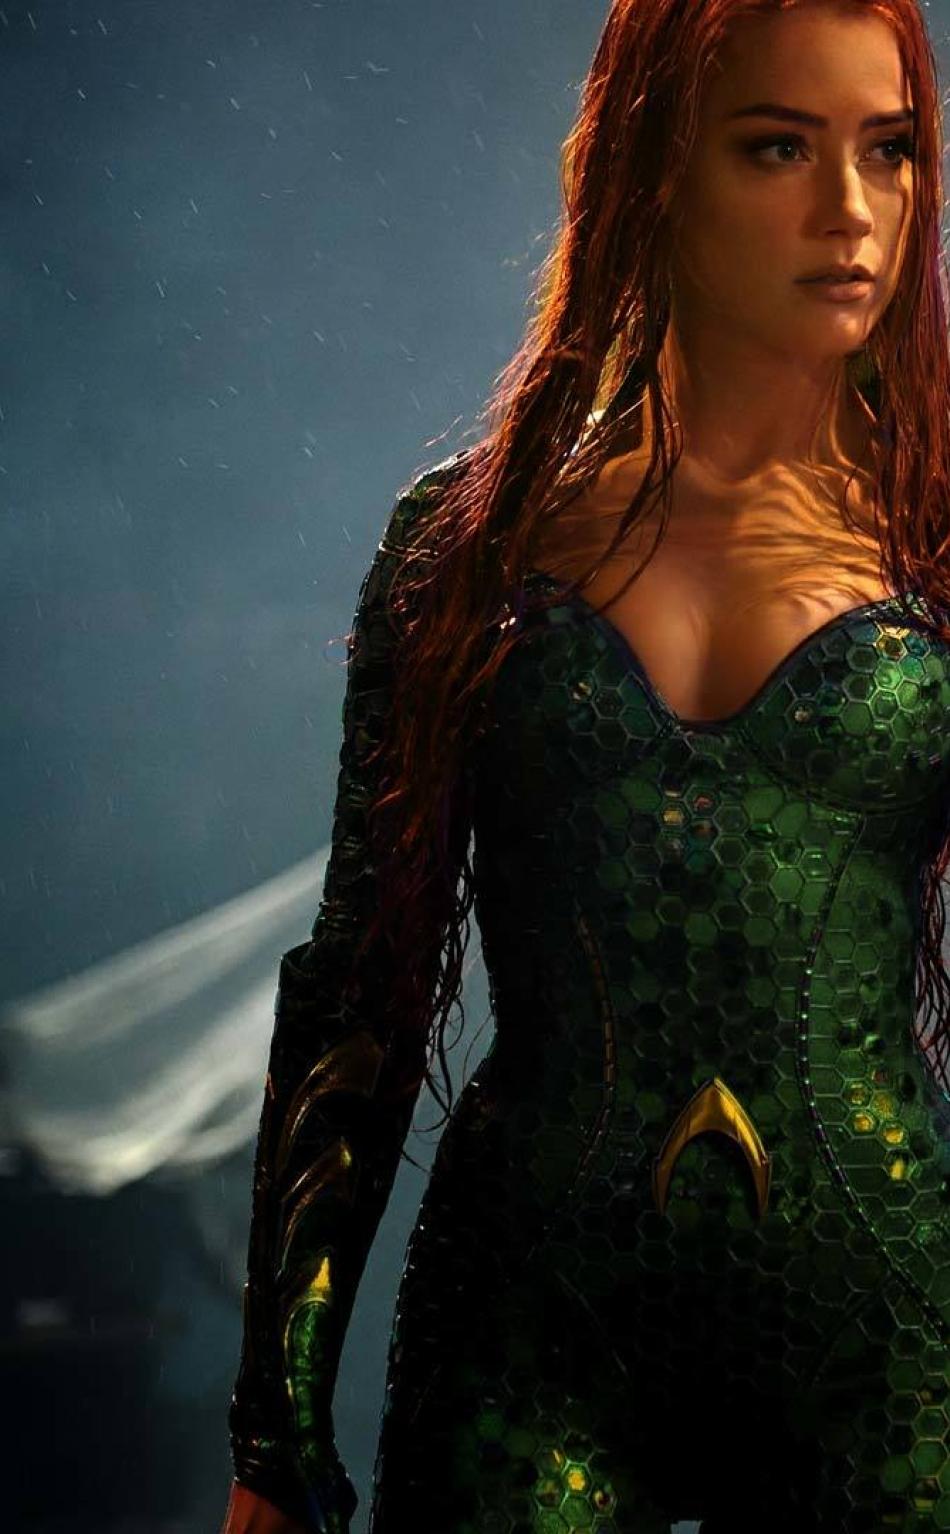 Amber Heard As Mera In Aquaman Full Hd Wallpaper